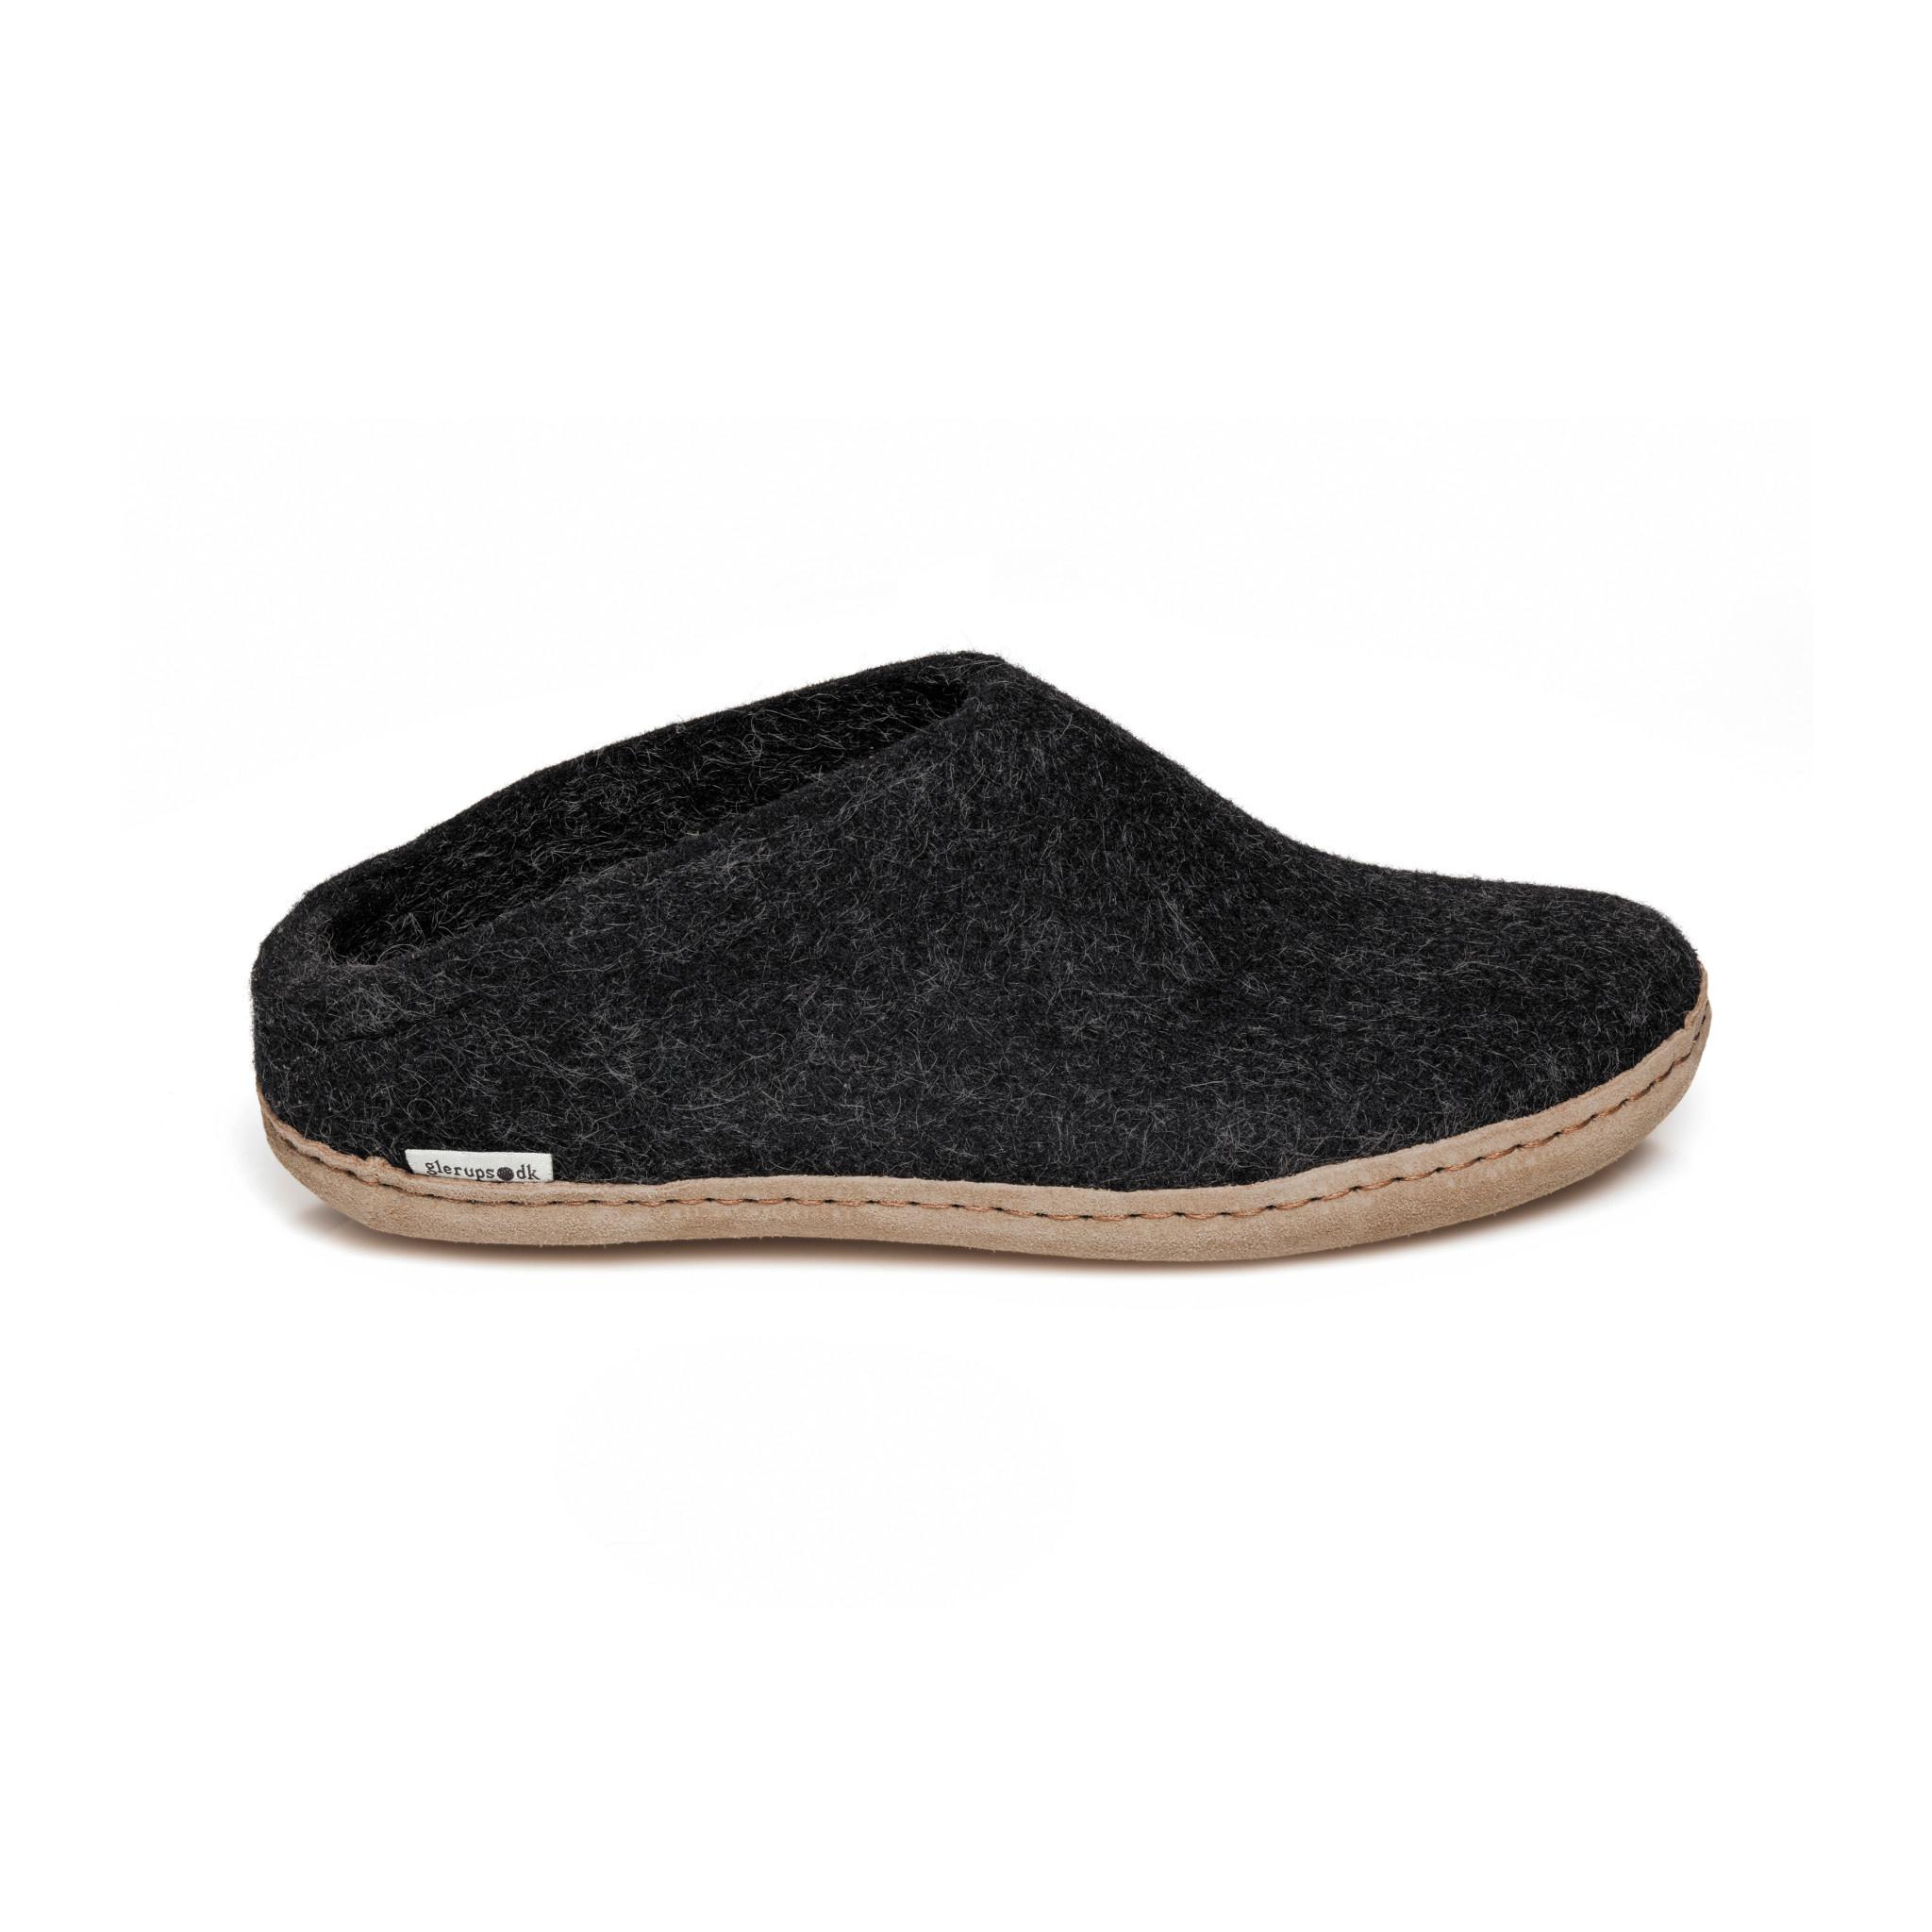 Glerups Glerups Slipper/Open Heel - Anthracite